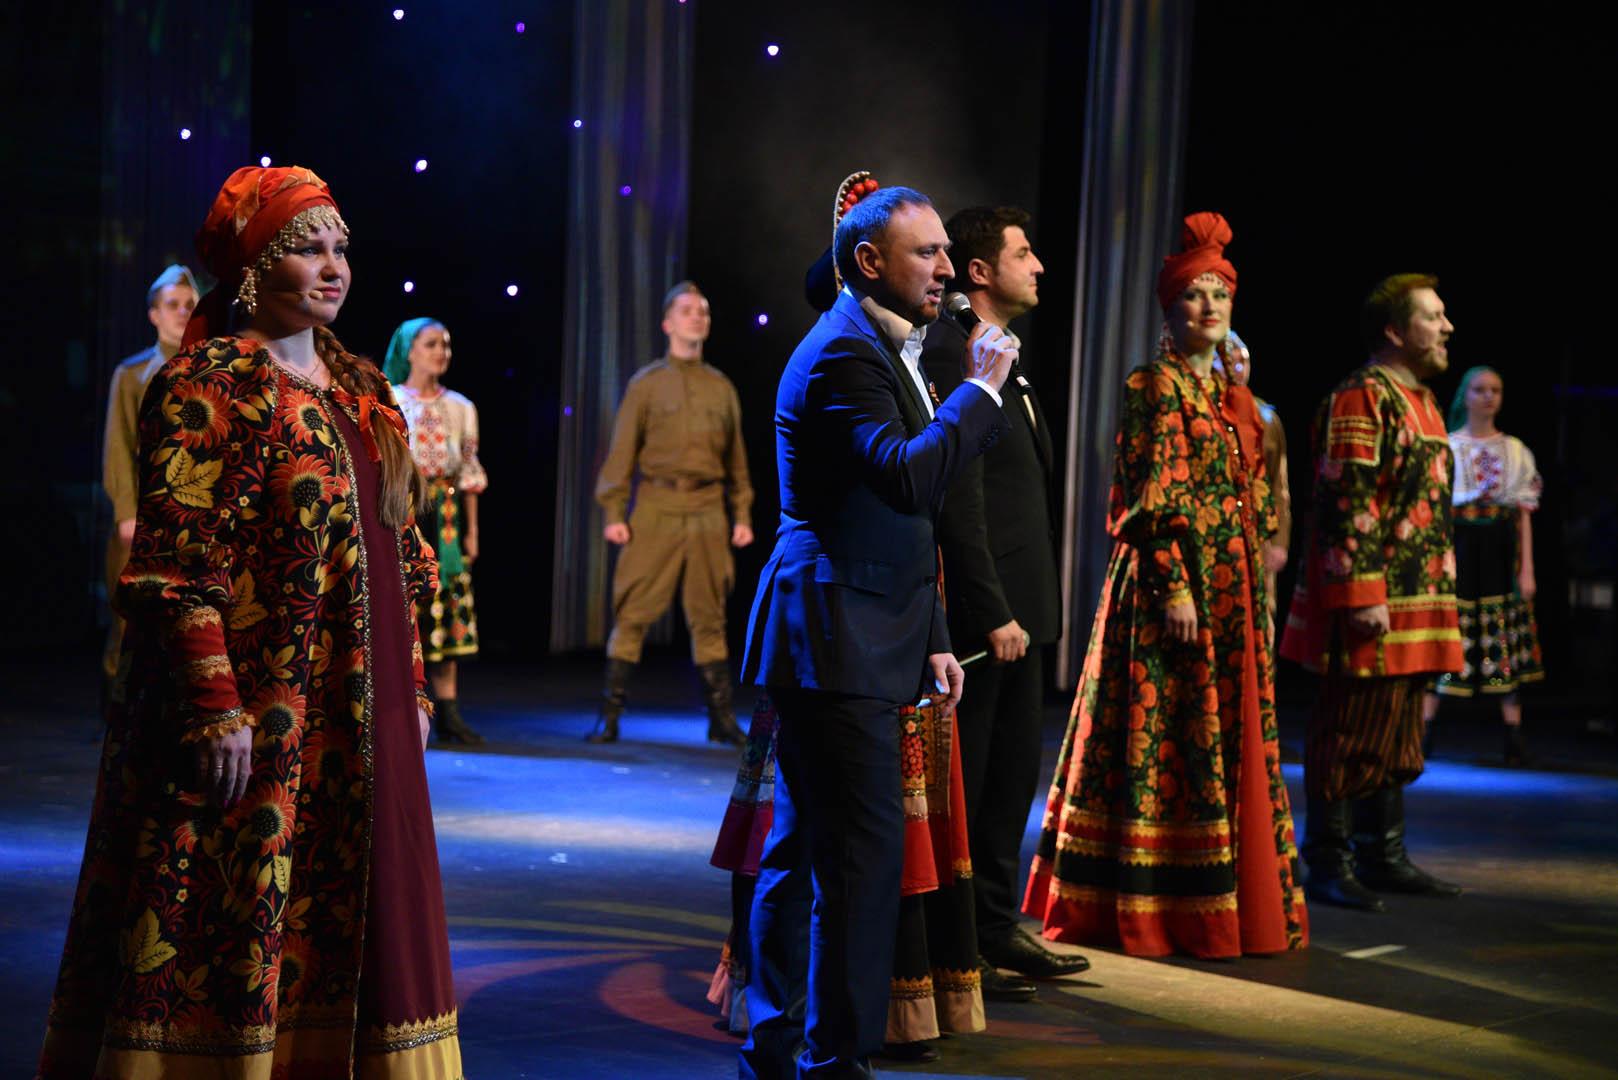 песня казаки в берлине слушать минус